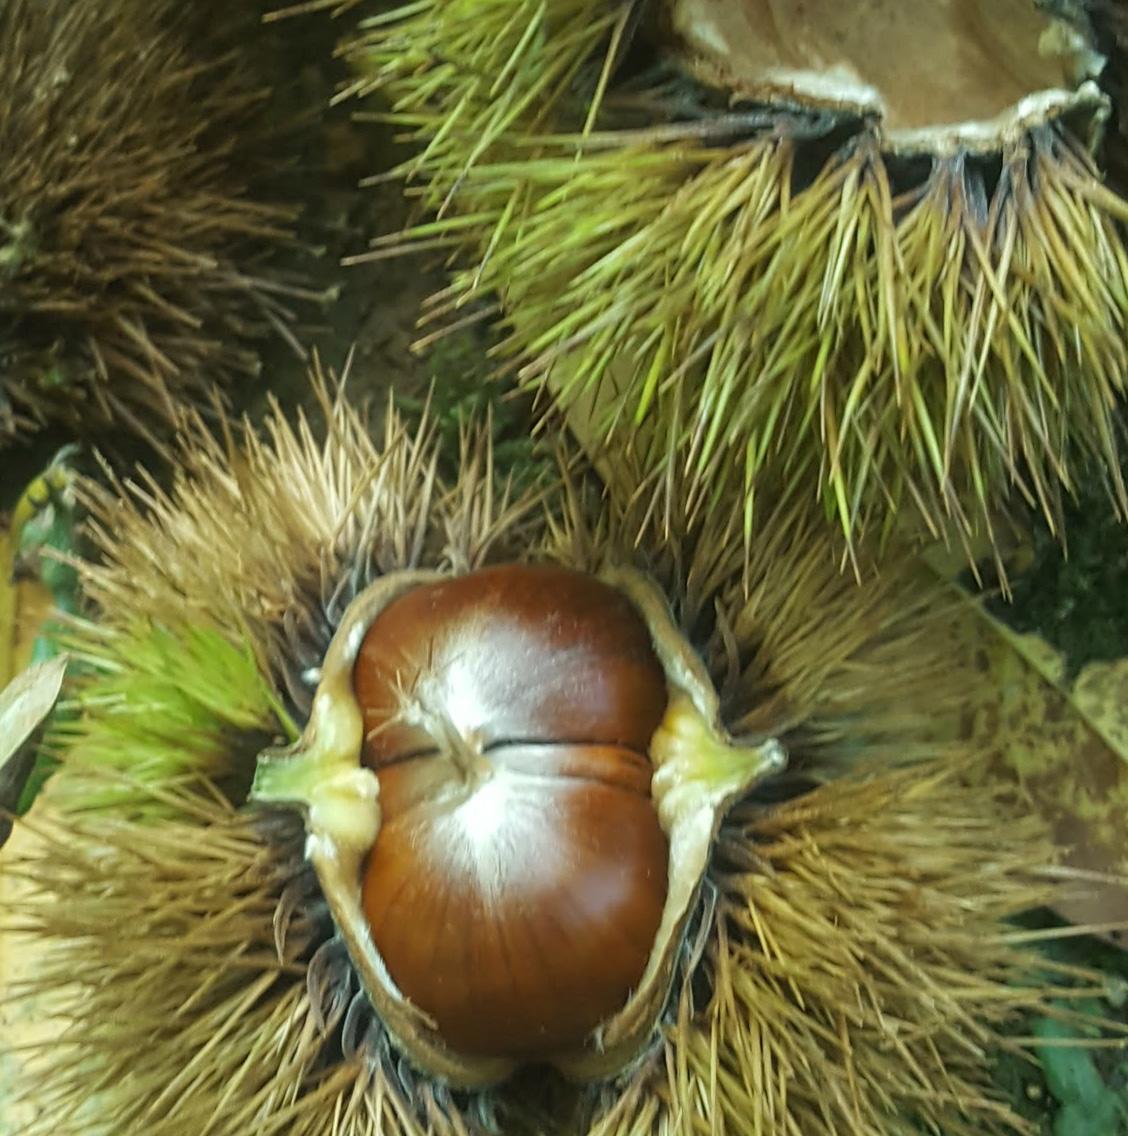 chestnut2